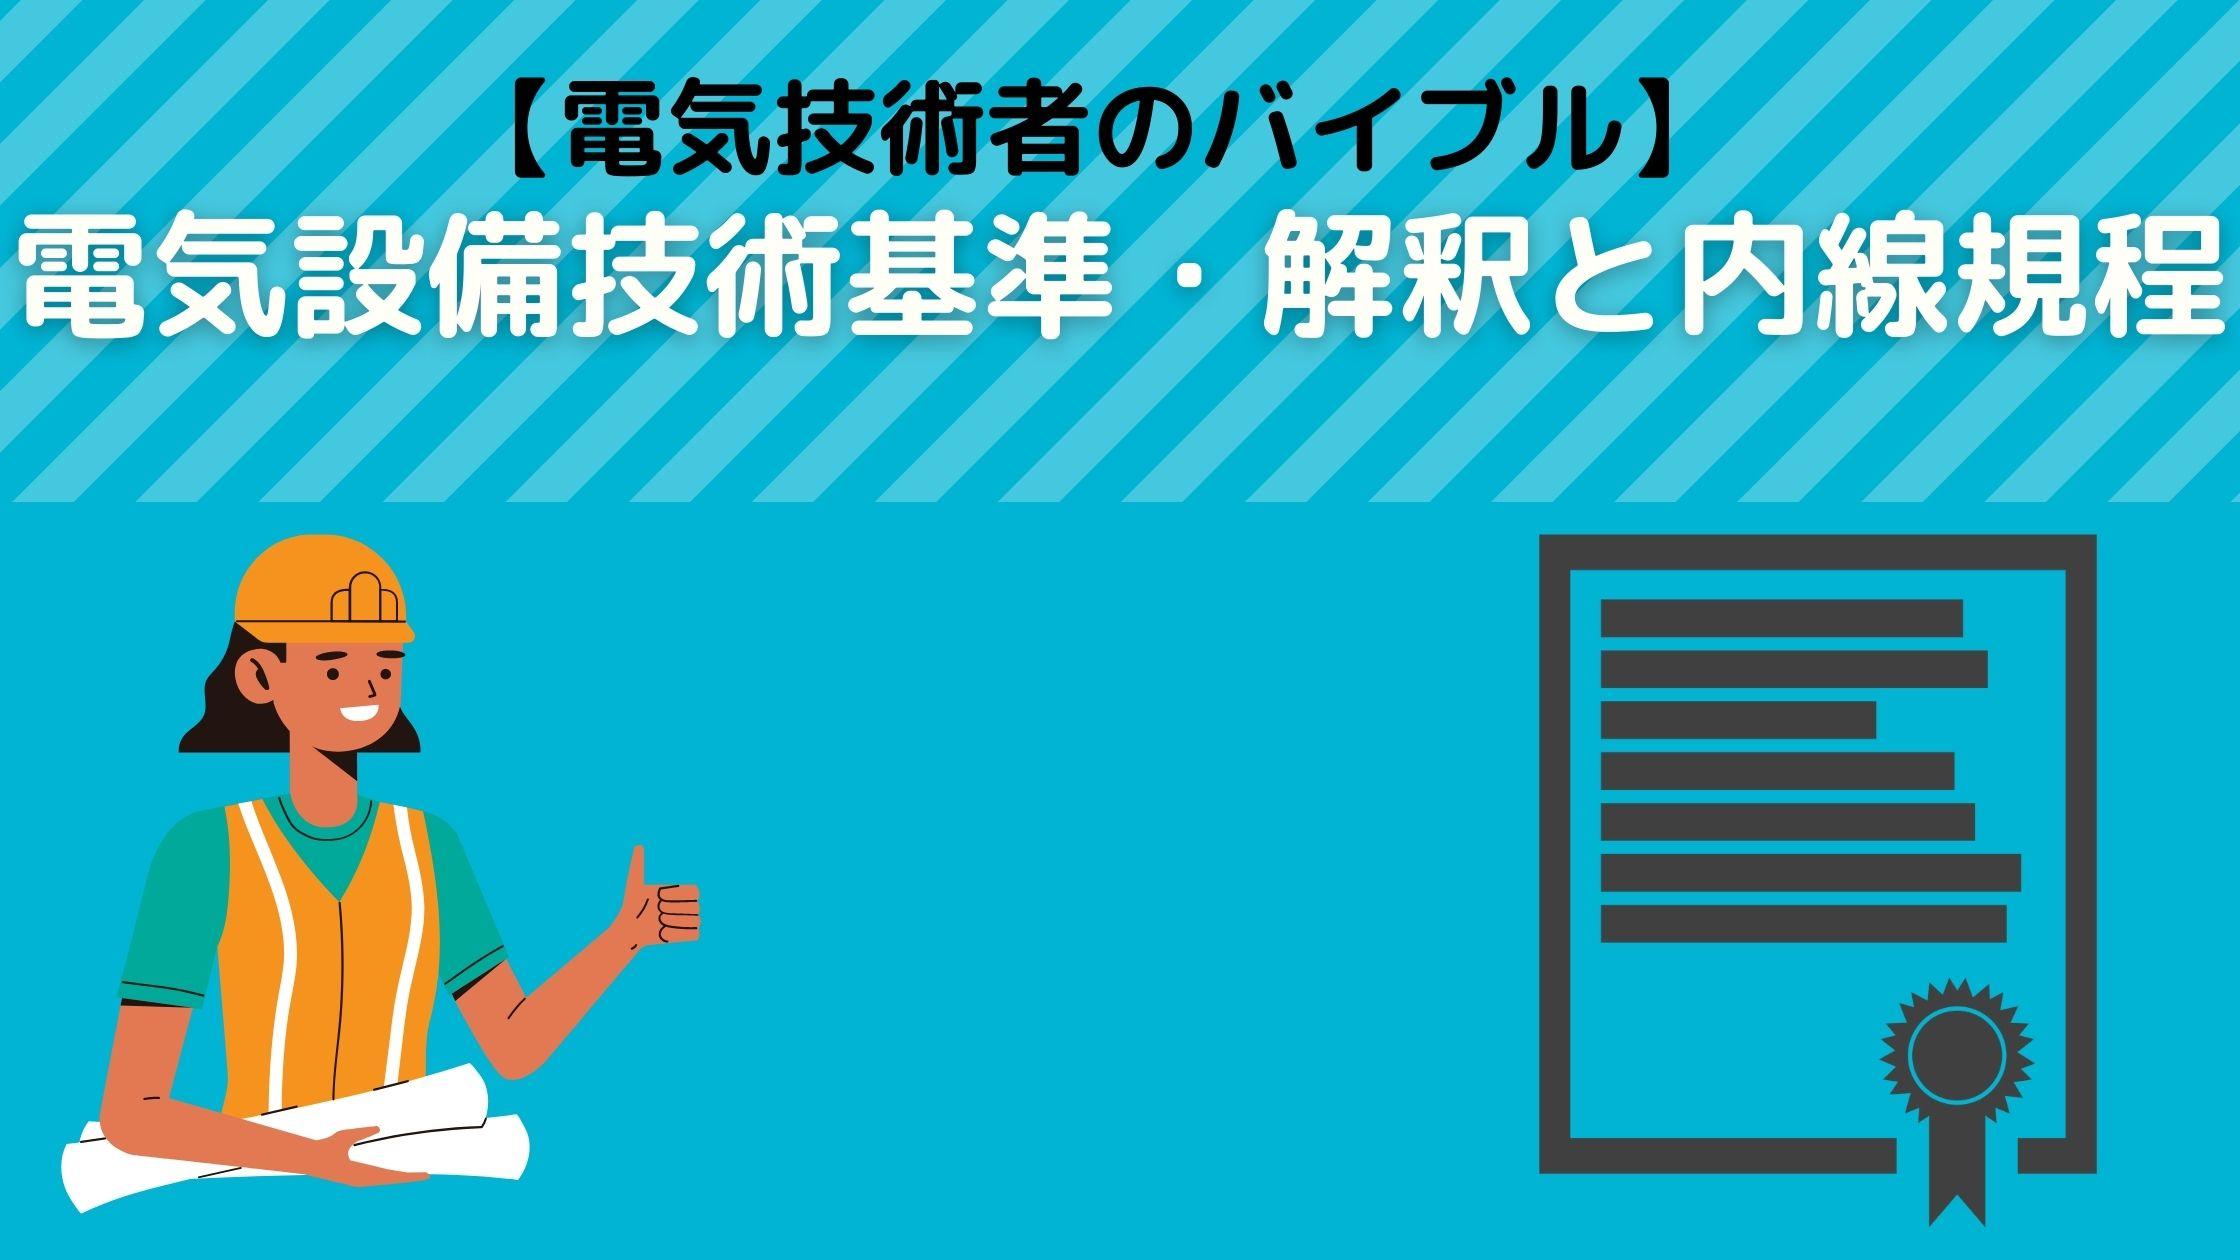 【電気技術者のバイブル】電気設備技術基準・解釈と内線規程